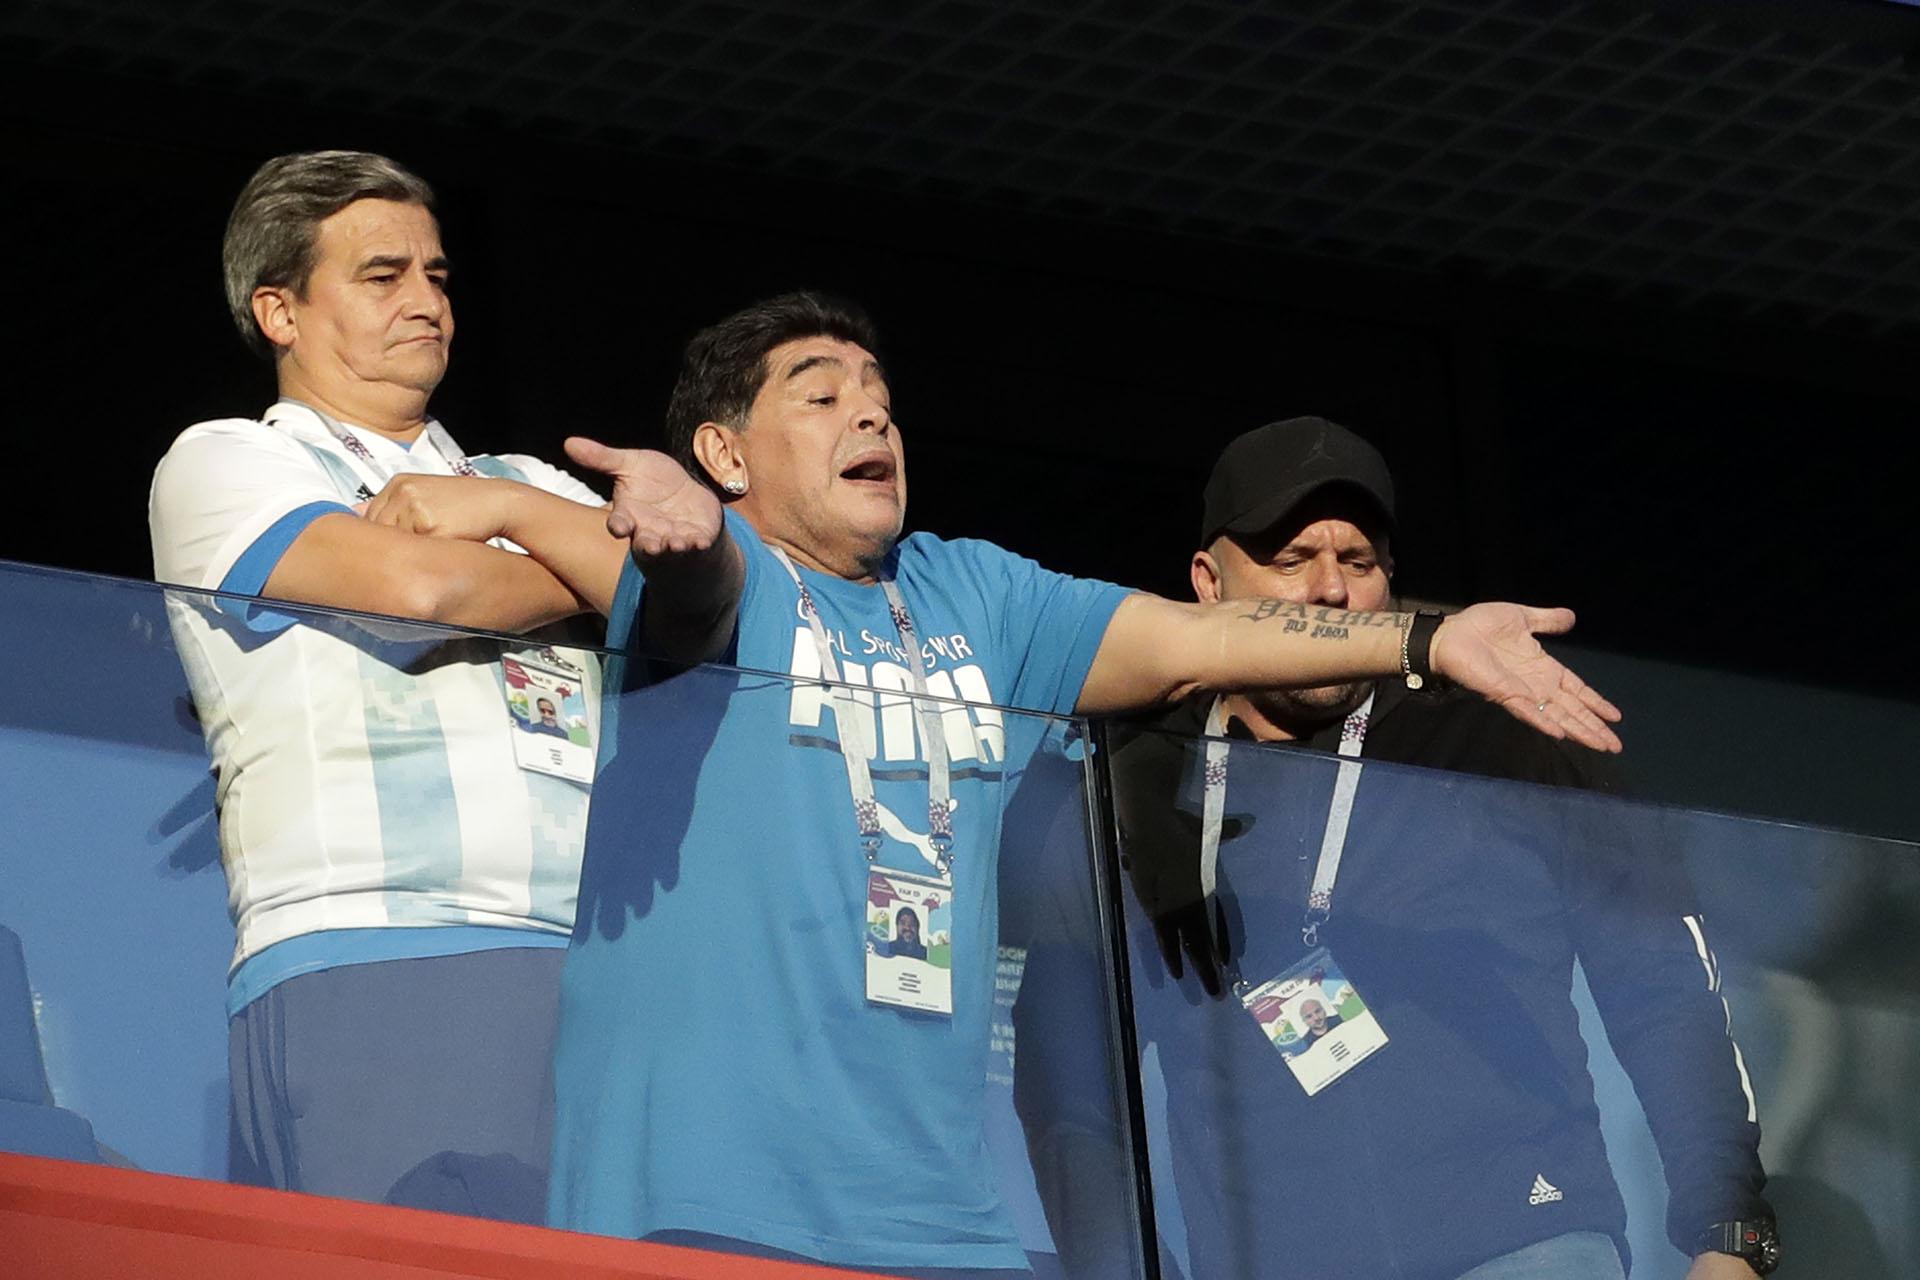 El próximo sábado Argentina enfrentará a Francia por los octavos de final: se espera que Maradona esté allí